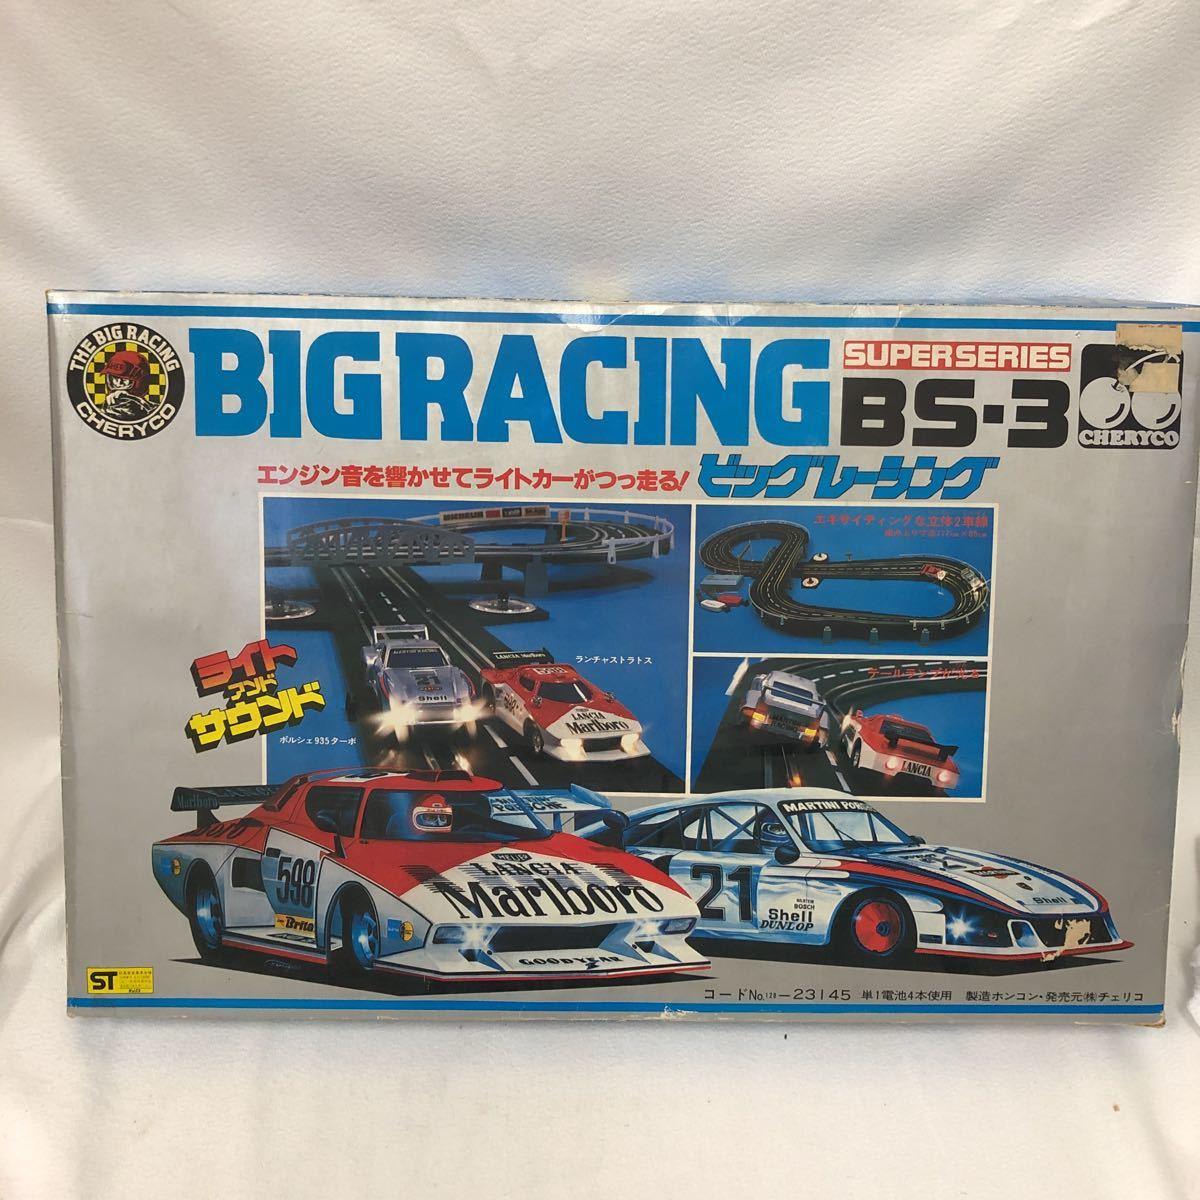 BIG RACING SUPERSERIES BS-3 ライト アンド サウンド CHERYCO ビッグレーシング ランチャストラトス ポルシェ935ターボ レトロ コレクター_画像1